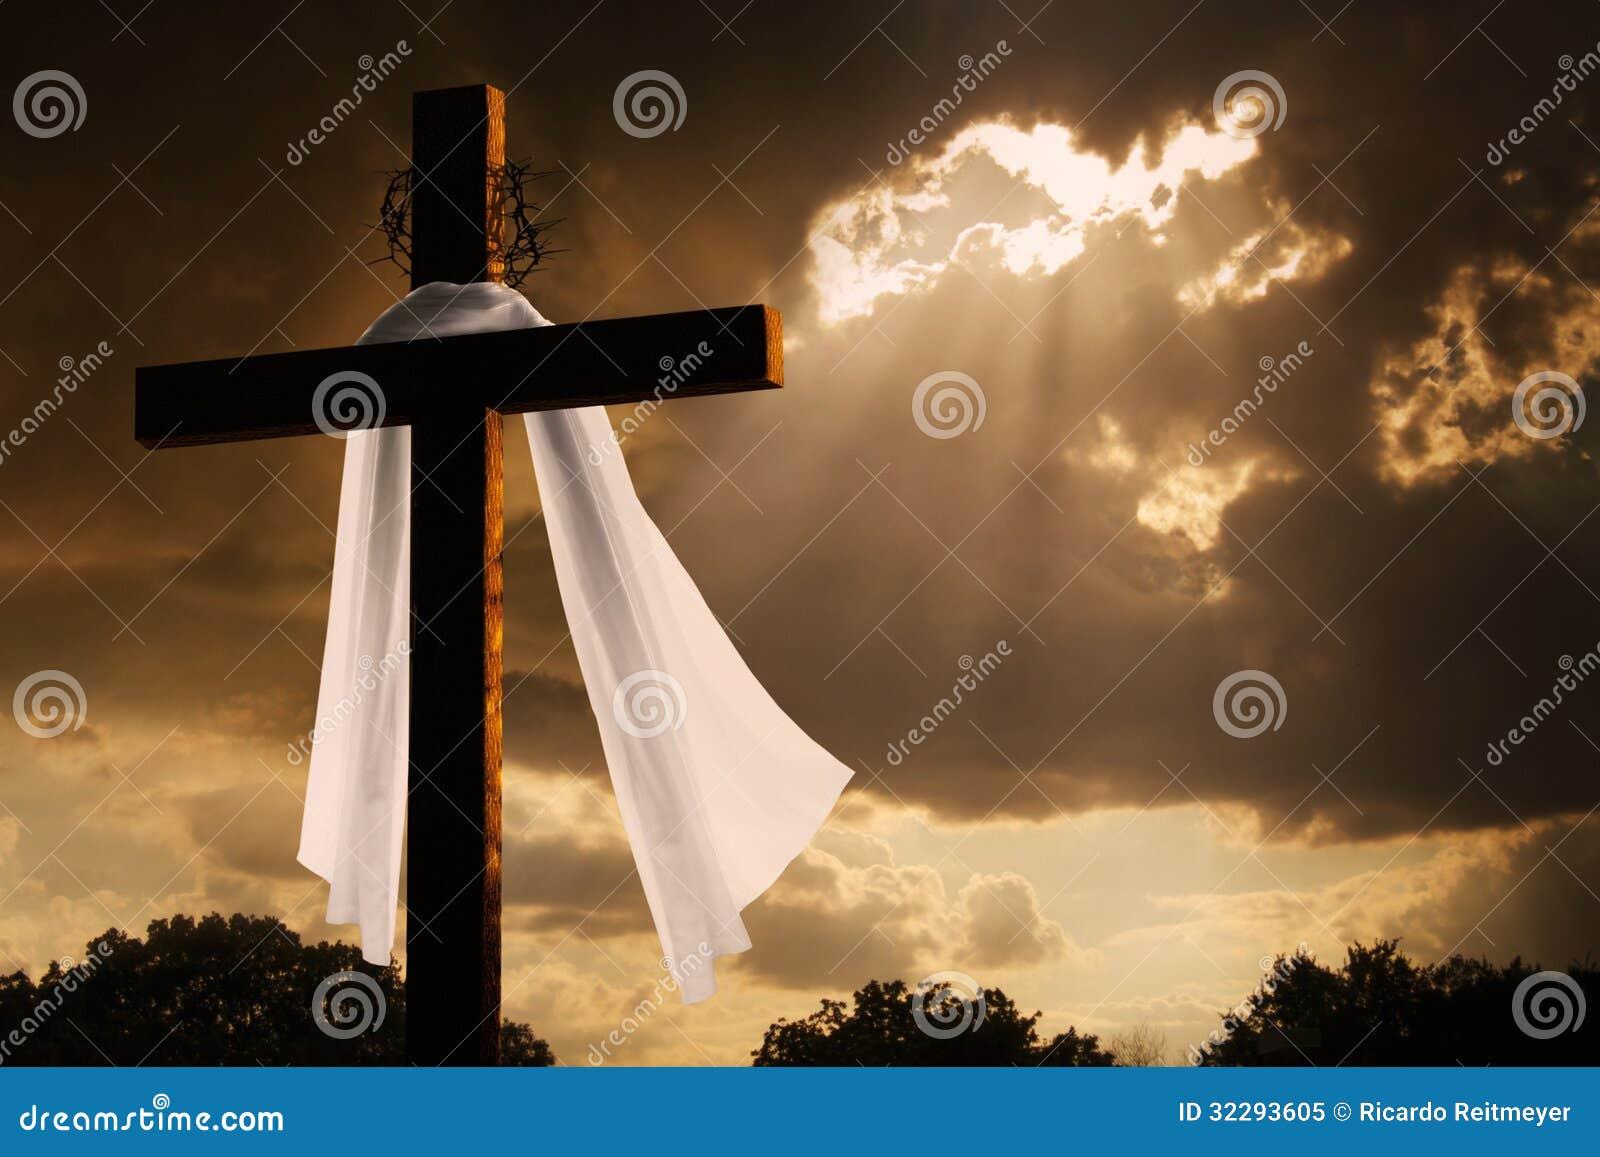 Iluminación dramática en rotura de las nubes de Christian Easter Cross As Storm